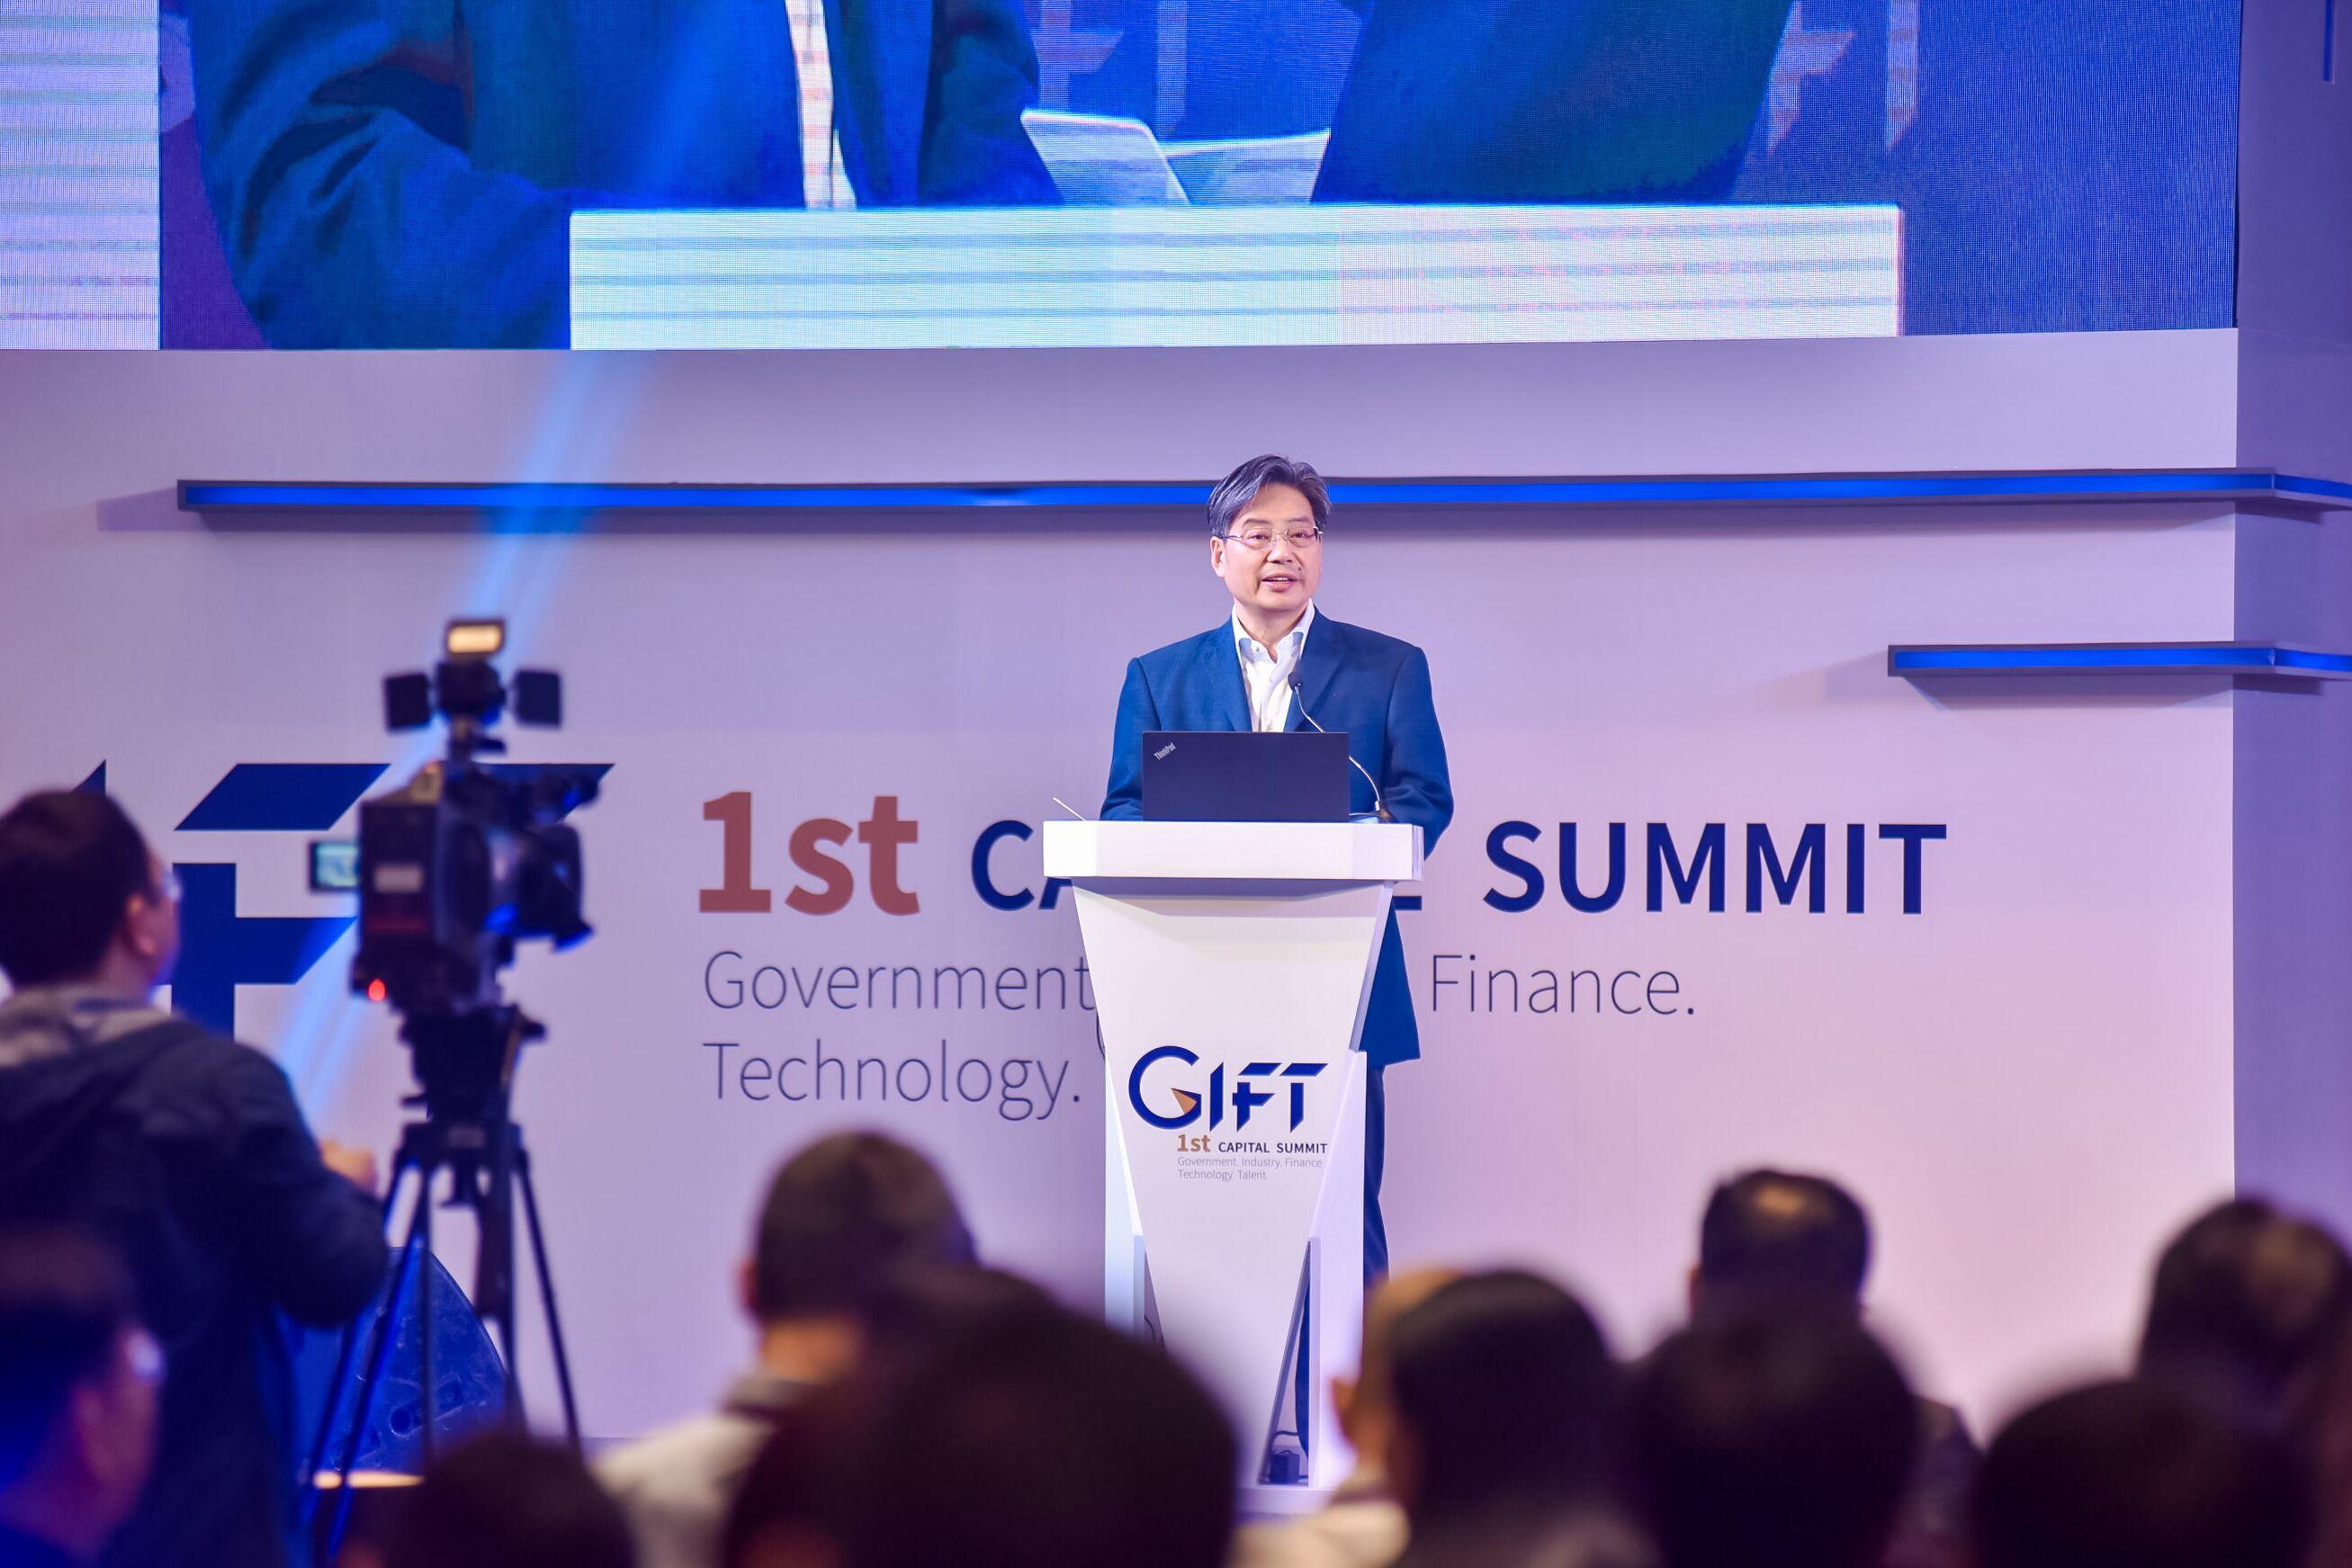 600位金融大咖齐聚无锡共话资本创新赋能 ——首届GIFT峰会为长三角区域经济高质量发展献礼